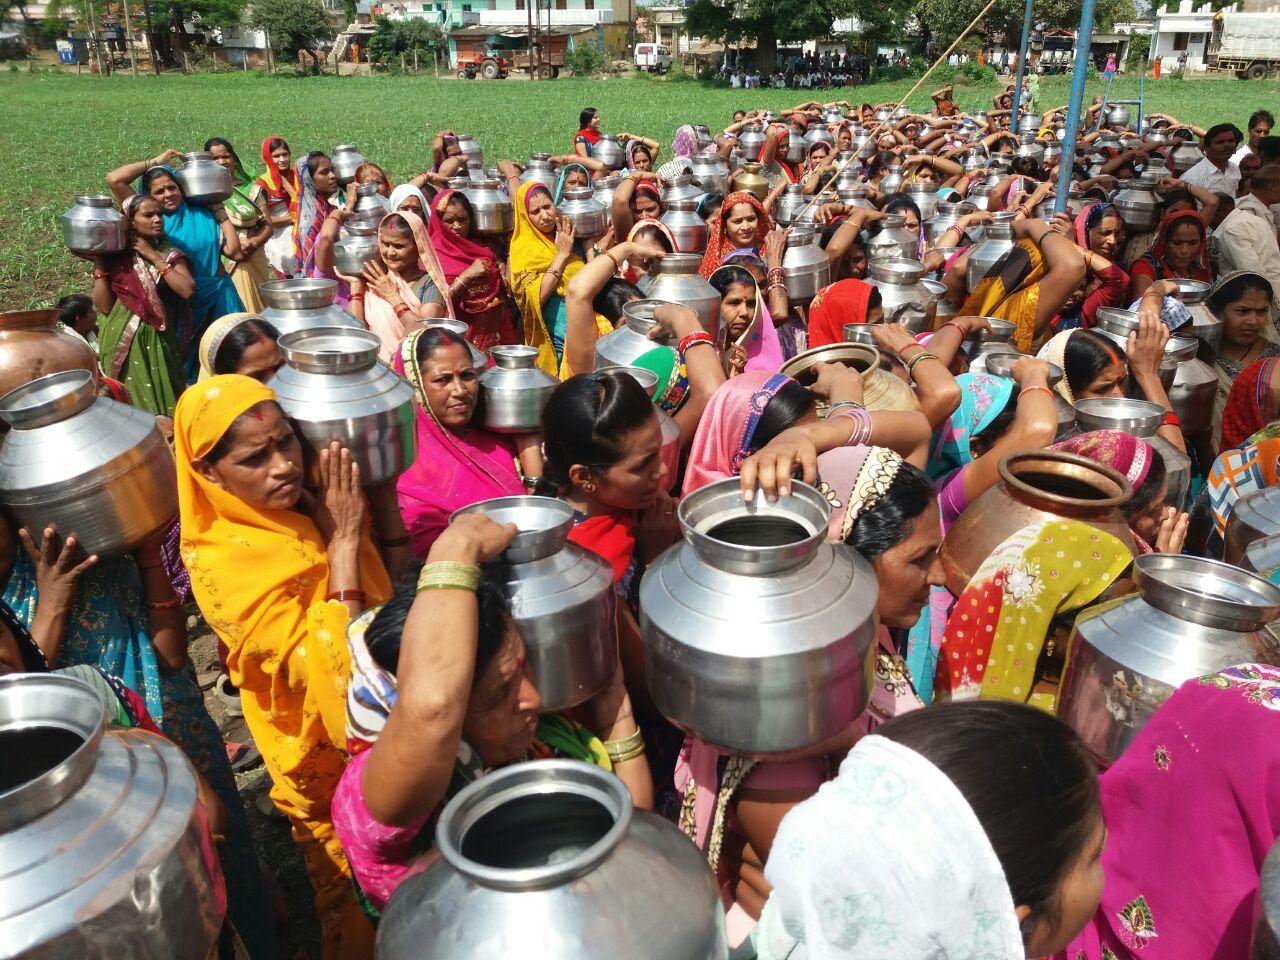 पढ़े, अच्छी बारिश के लिए महिलाओं ने शिवलिंग को जलमग्न क्यों किया